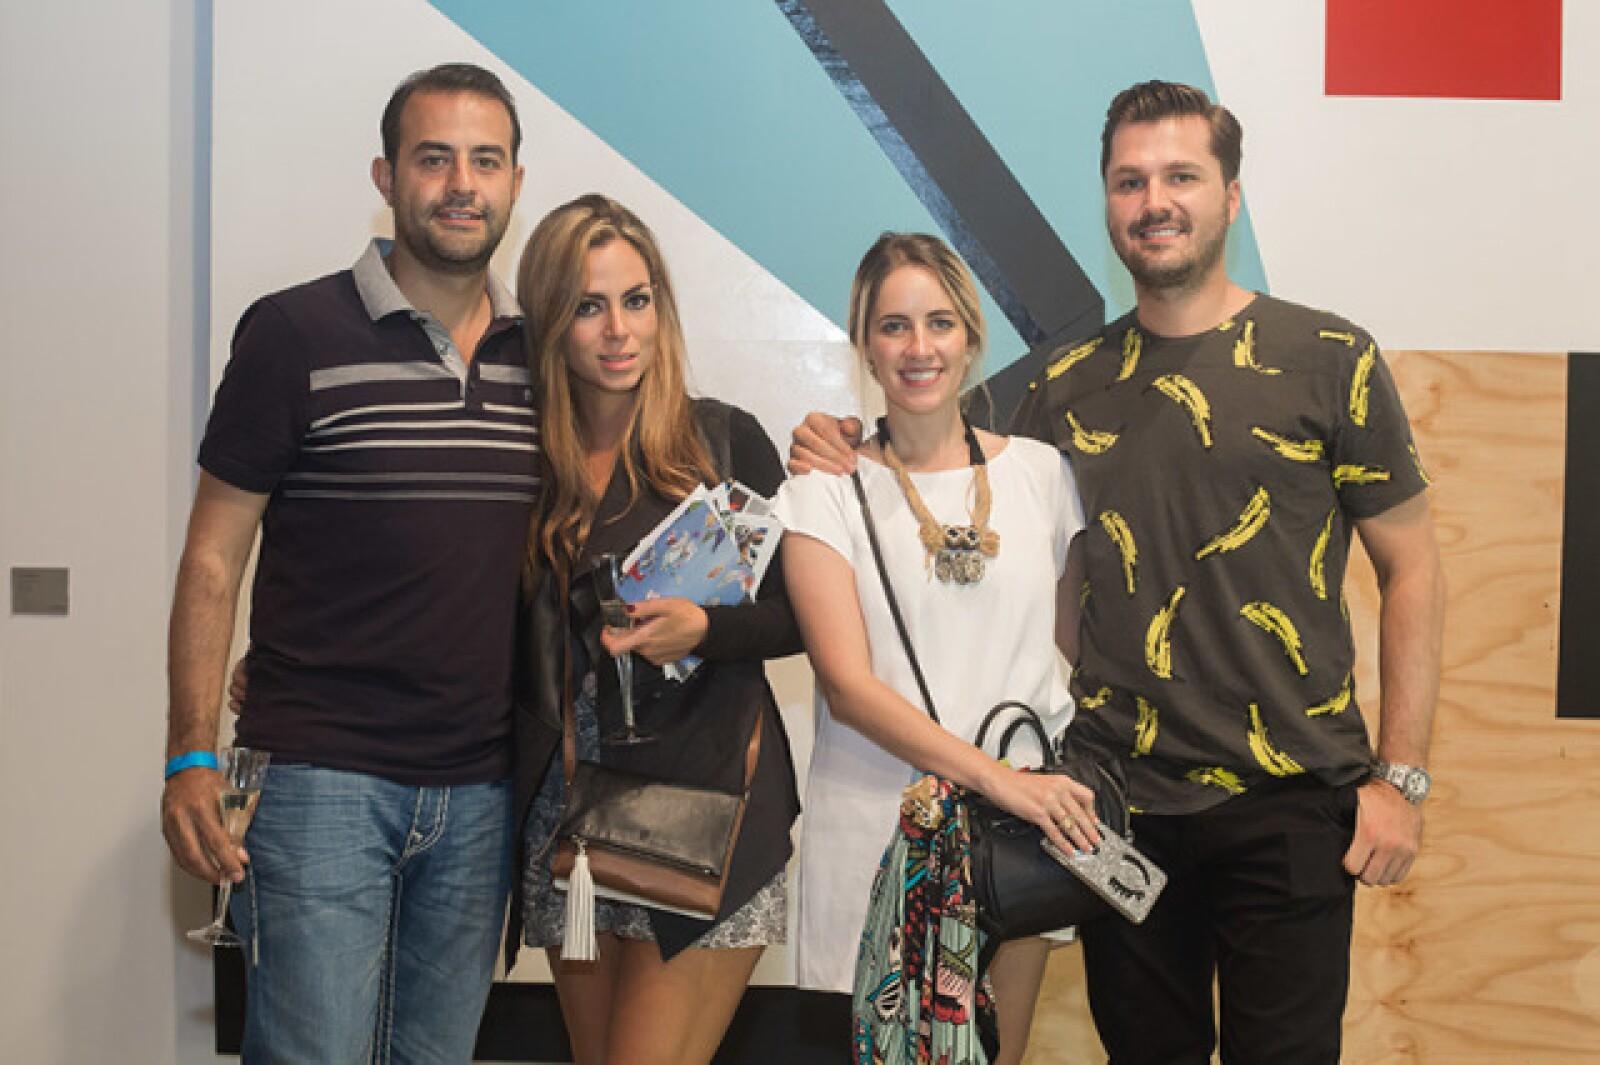 Gustavo Vargas,Raquel del Unanue,Estefanía Estrada,Juan Carlos Natale